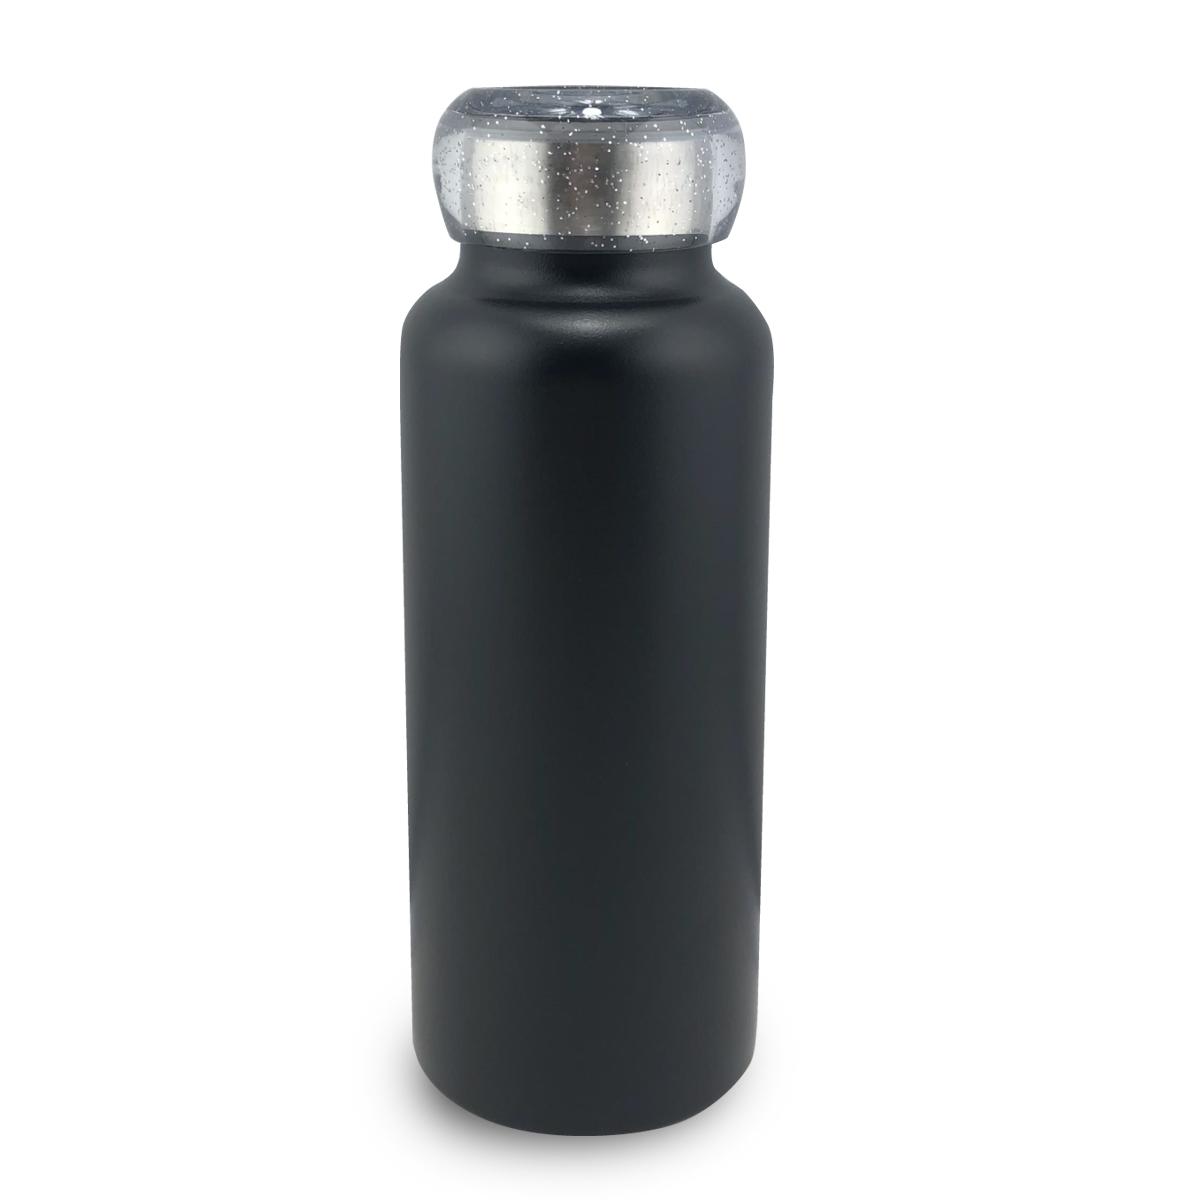 בקבוק שתיה מנירוסטה שומר חום וקור - הלסינקי